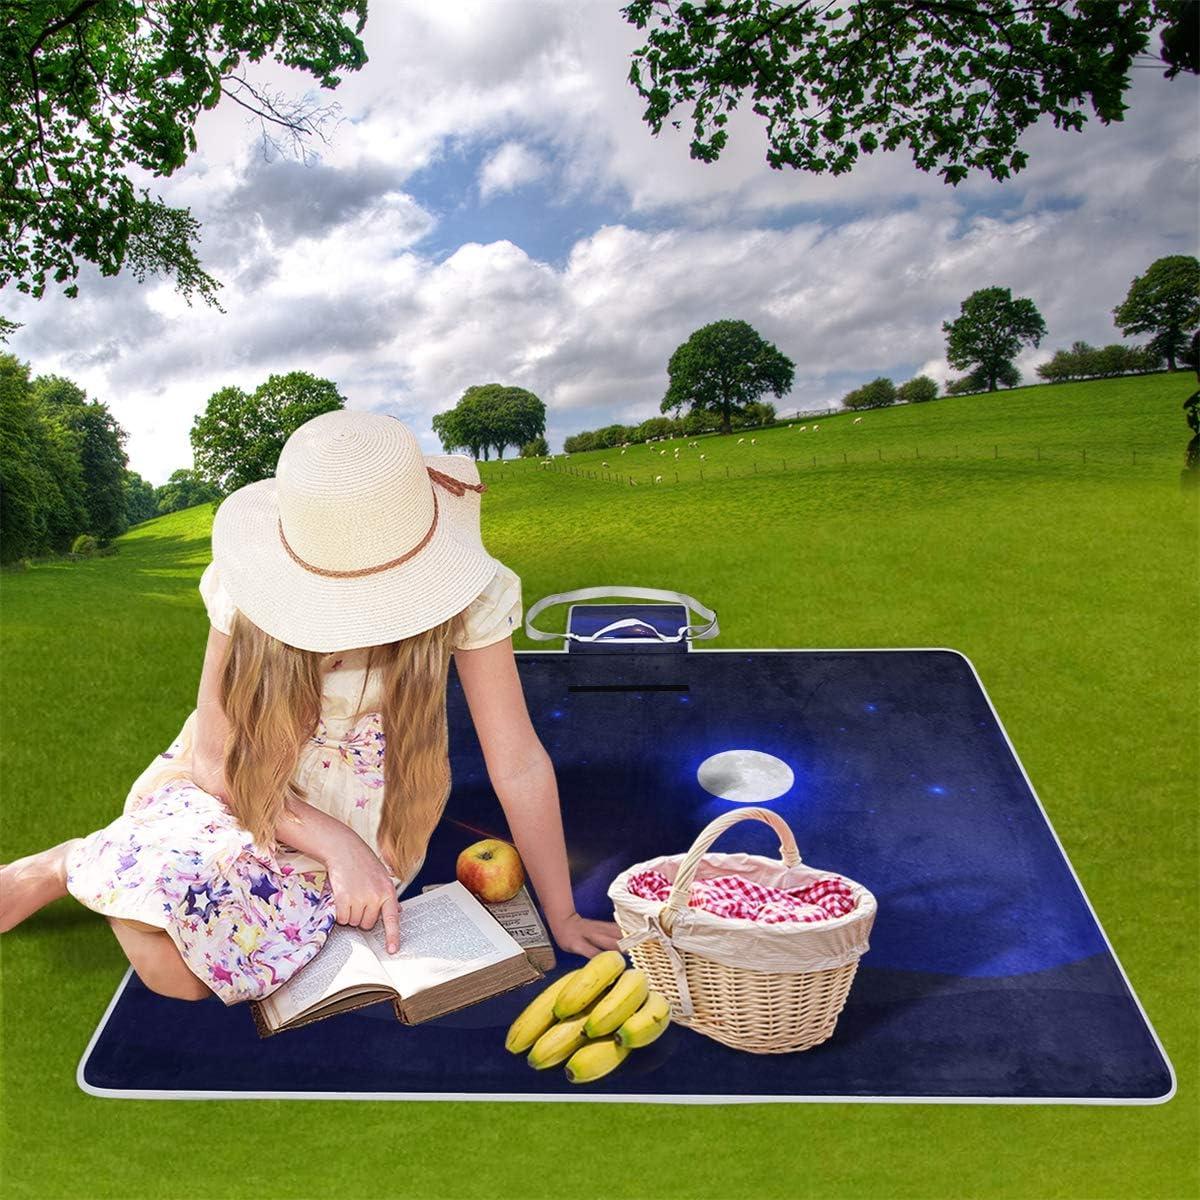 XINGAKA Couverture de Pique-Nique,Fleurs Bleues imprimé Graphique Petit Floral,Tapis Idéale pour Plage Jardin Parc Camping 20